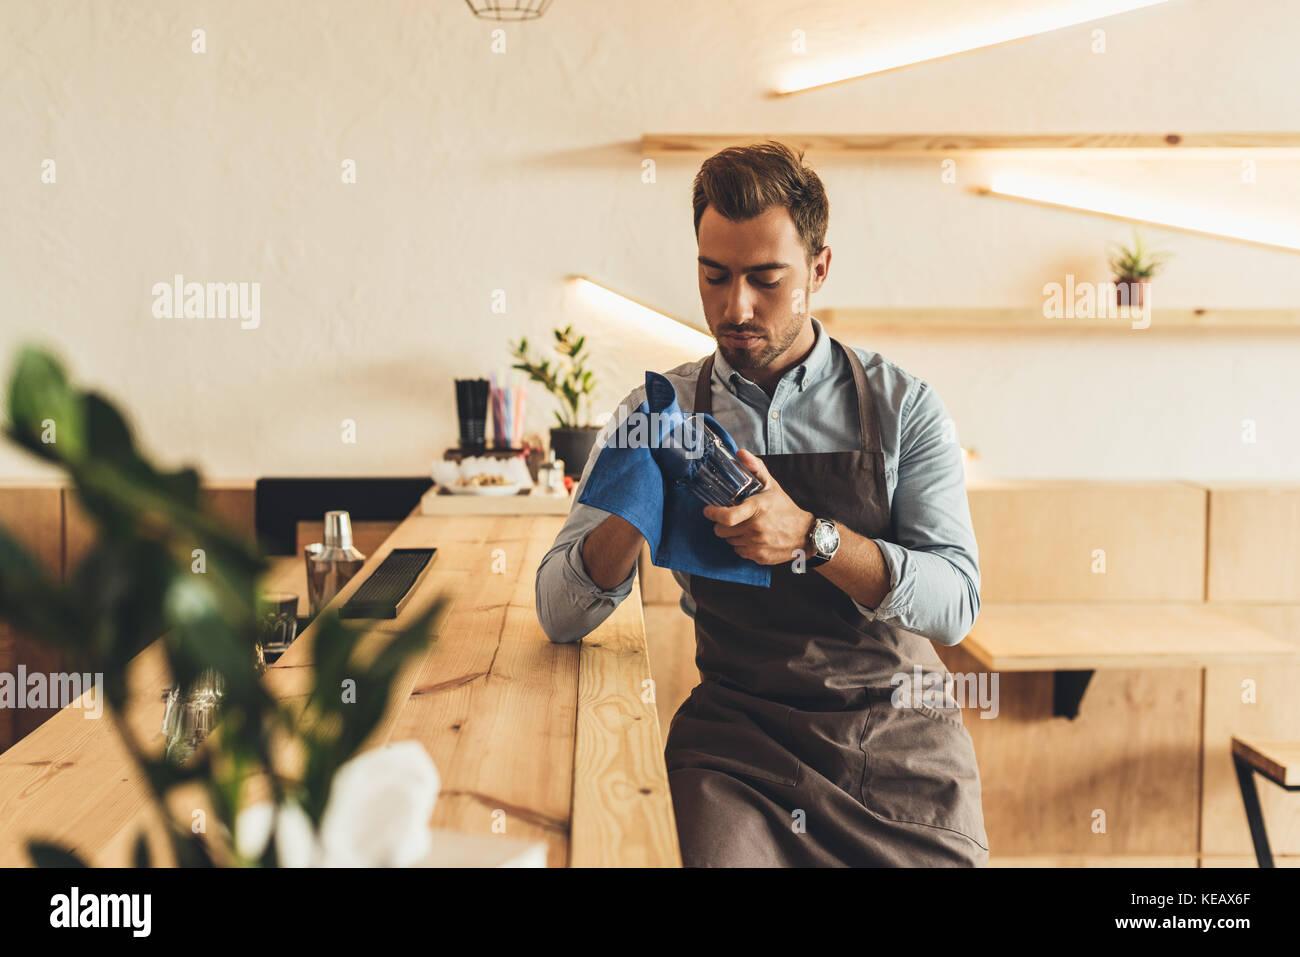 Barista Reinigung Glaswaren Stockbild